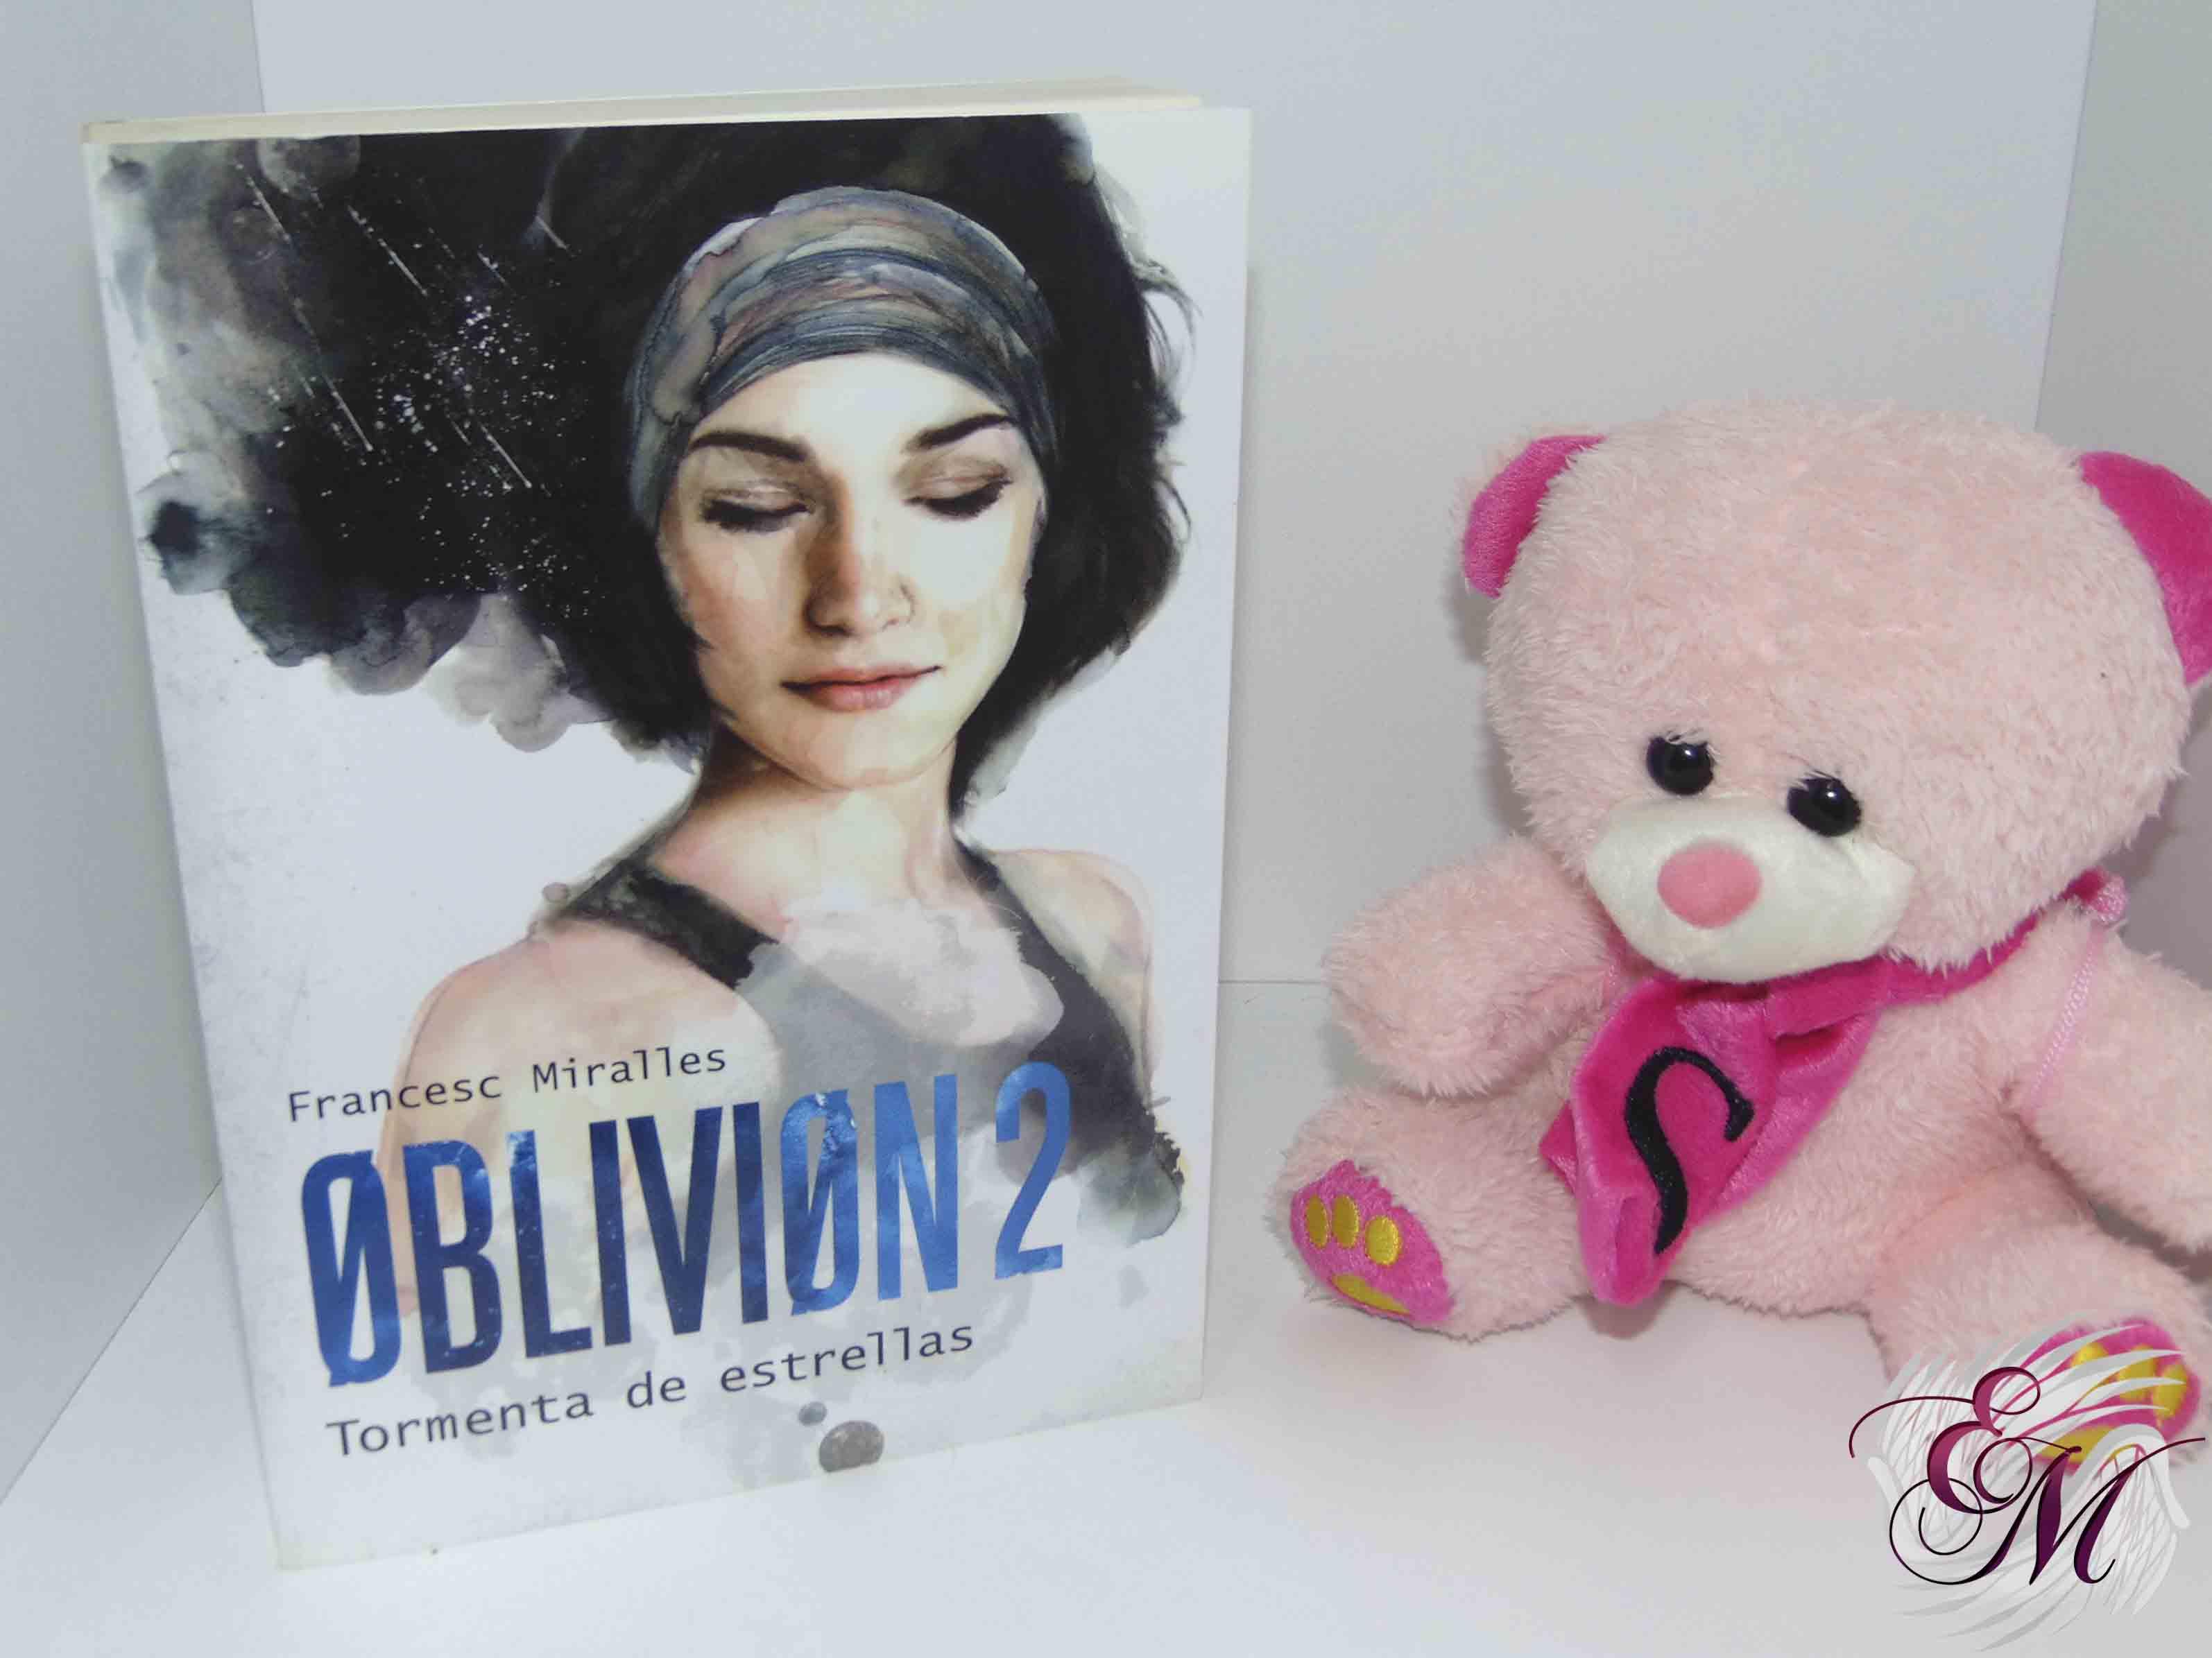 Oblivion: Tormenta de estrellas, de Francesc Miralles - Reseña